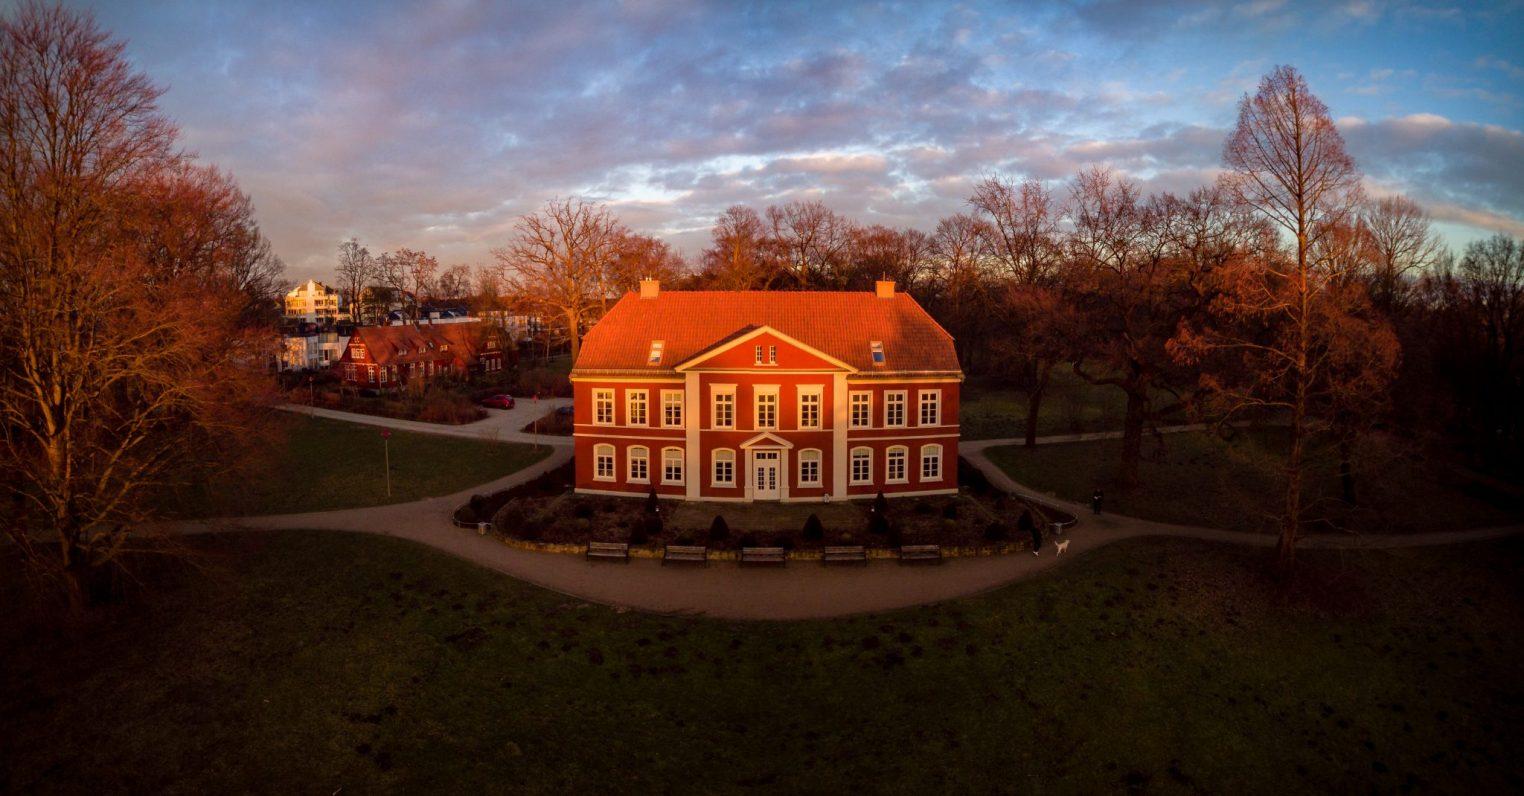 Albrecht Thear Haus im Sonnenuntergang